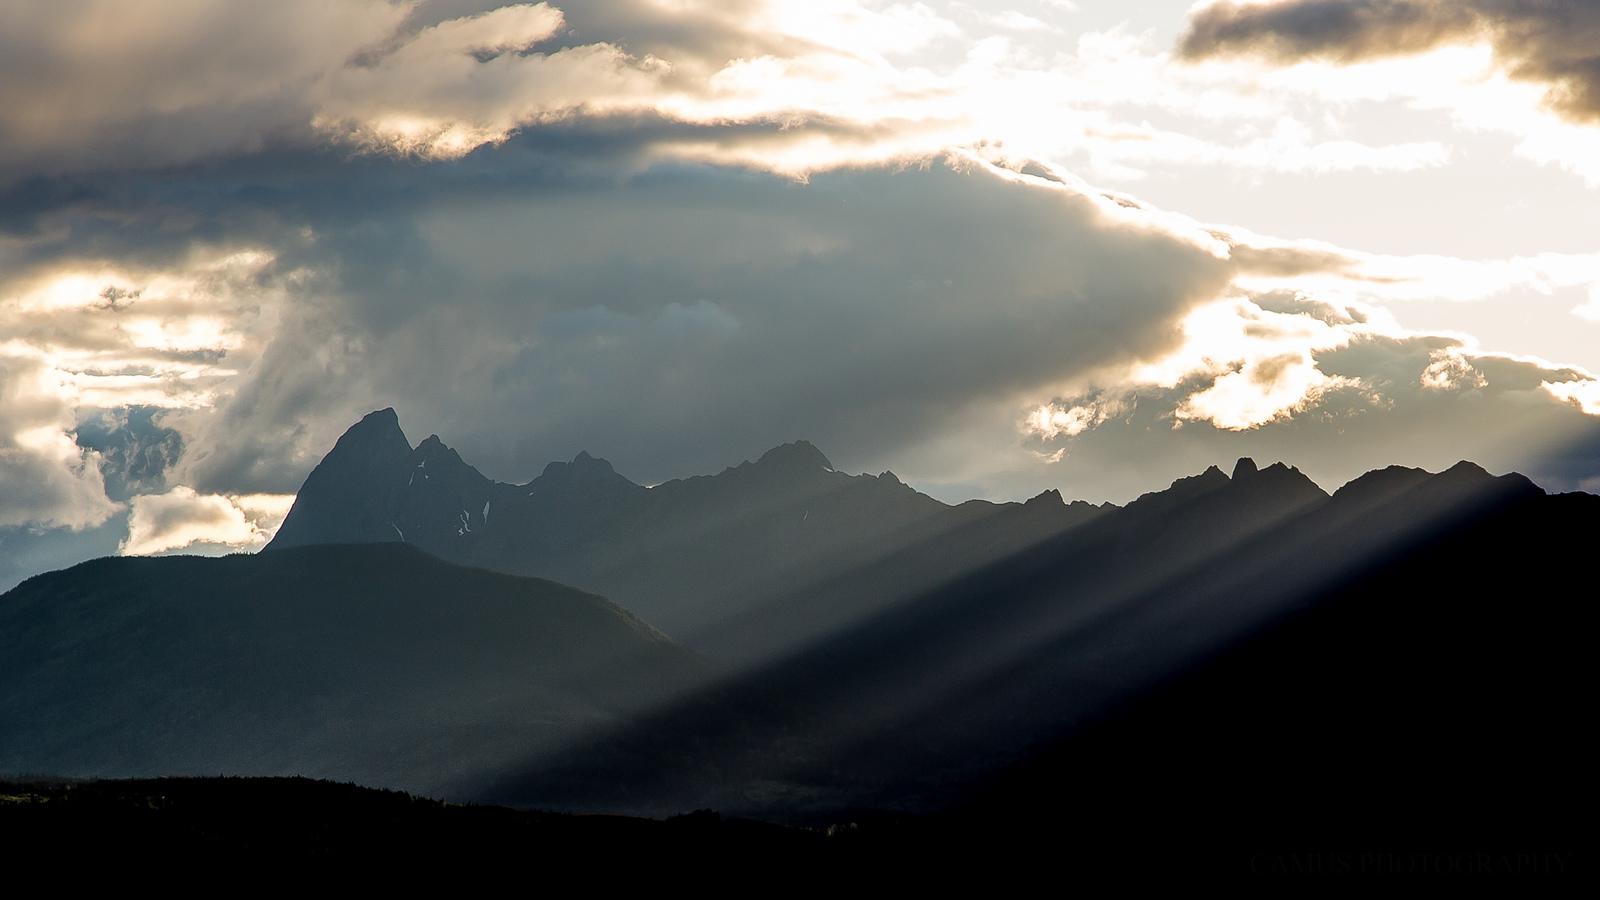 kiseguecla mountain range